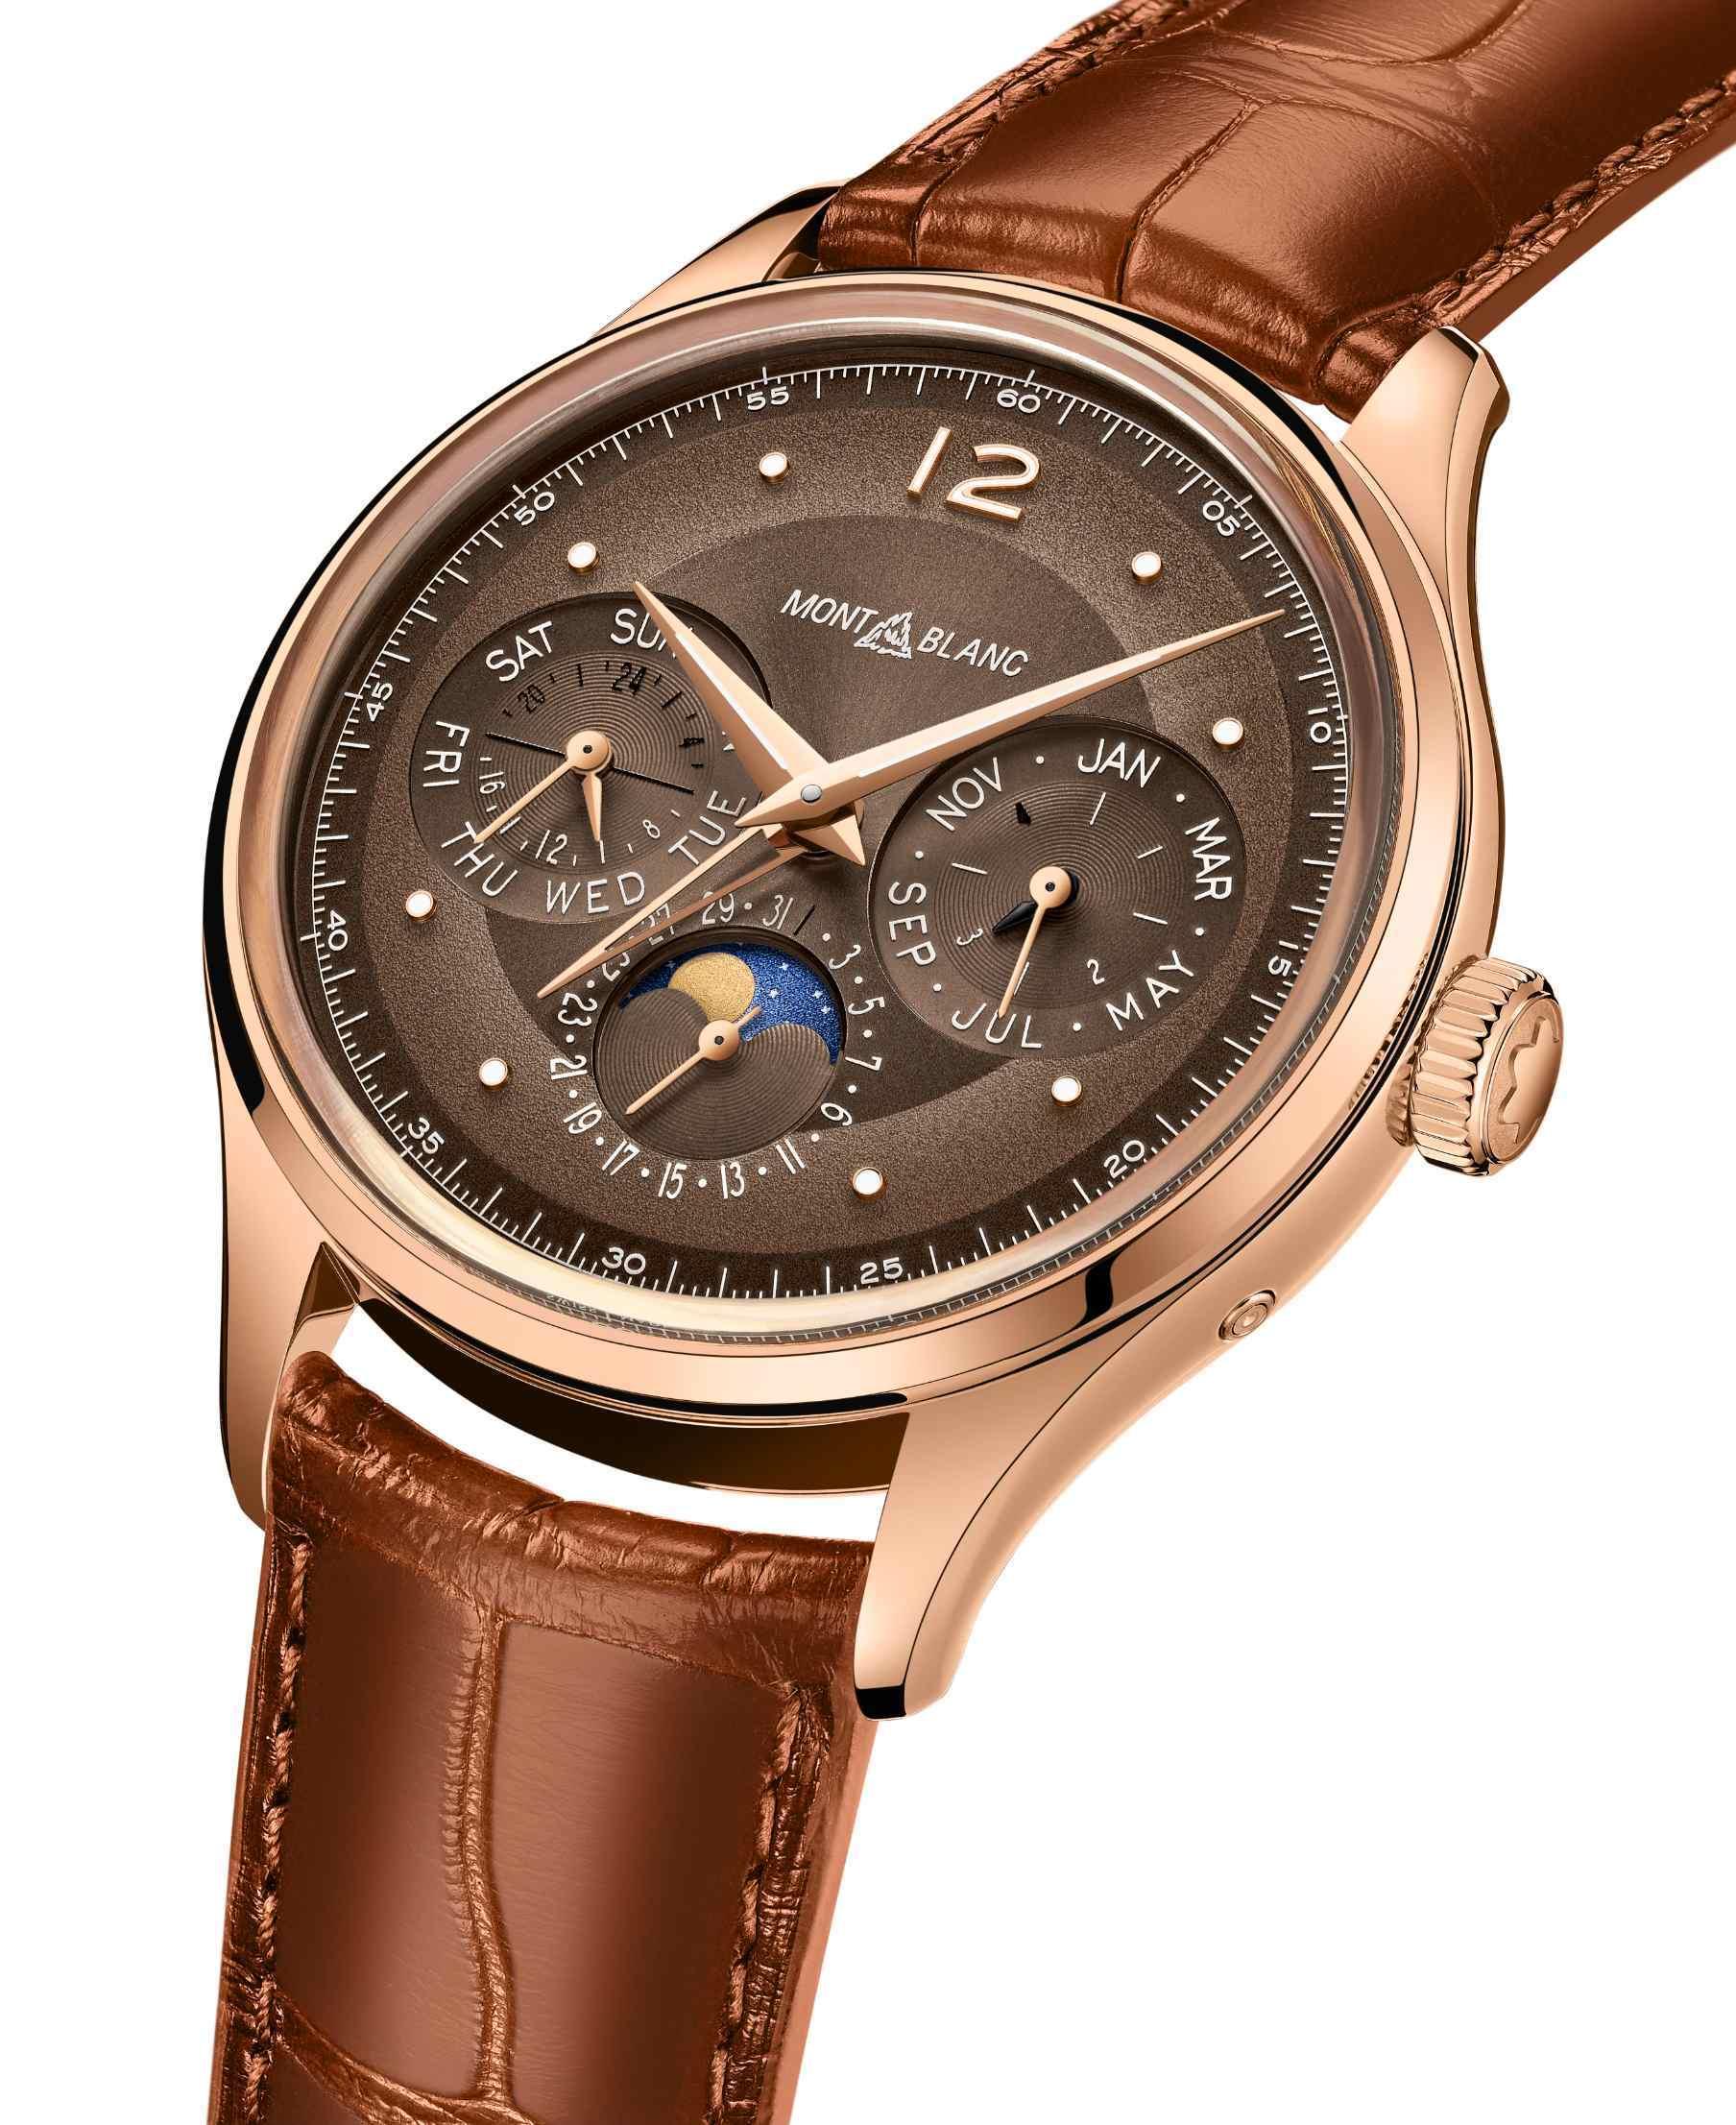 全新棕色设计灵感演绎万宝龙自制万年历腕表